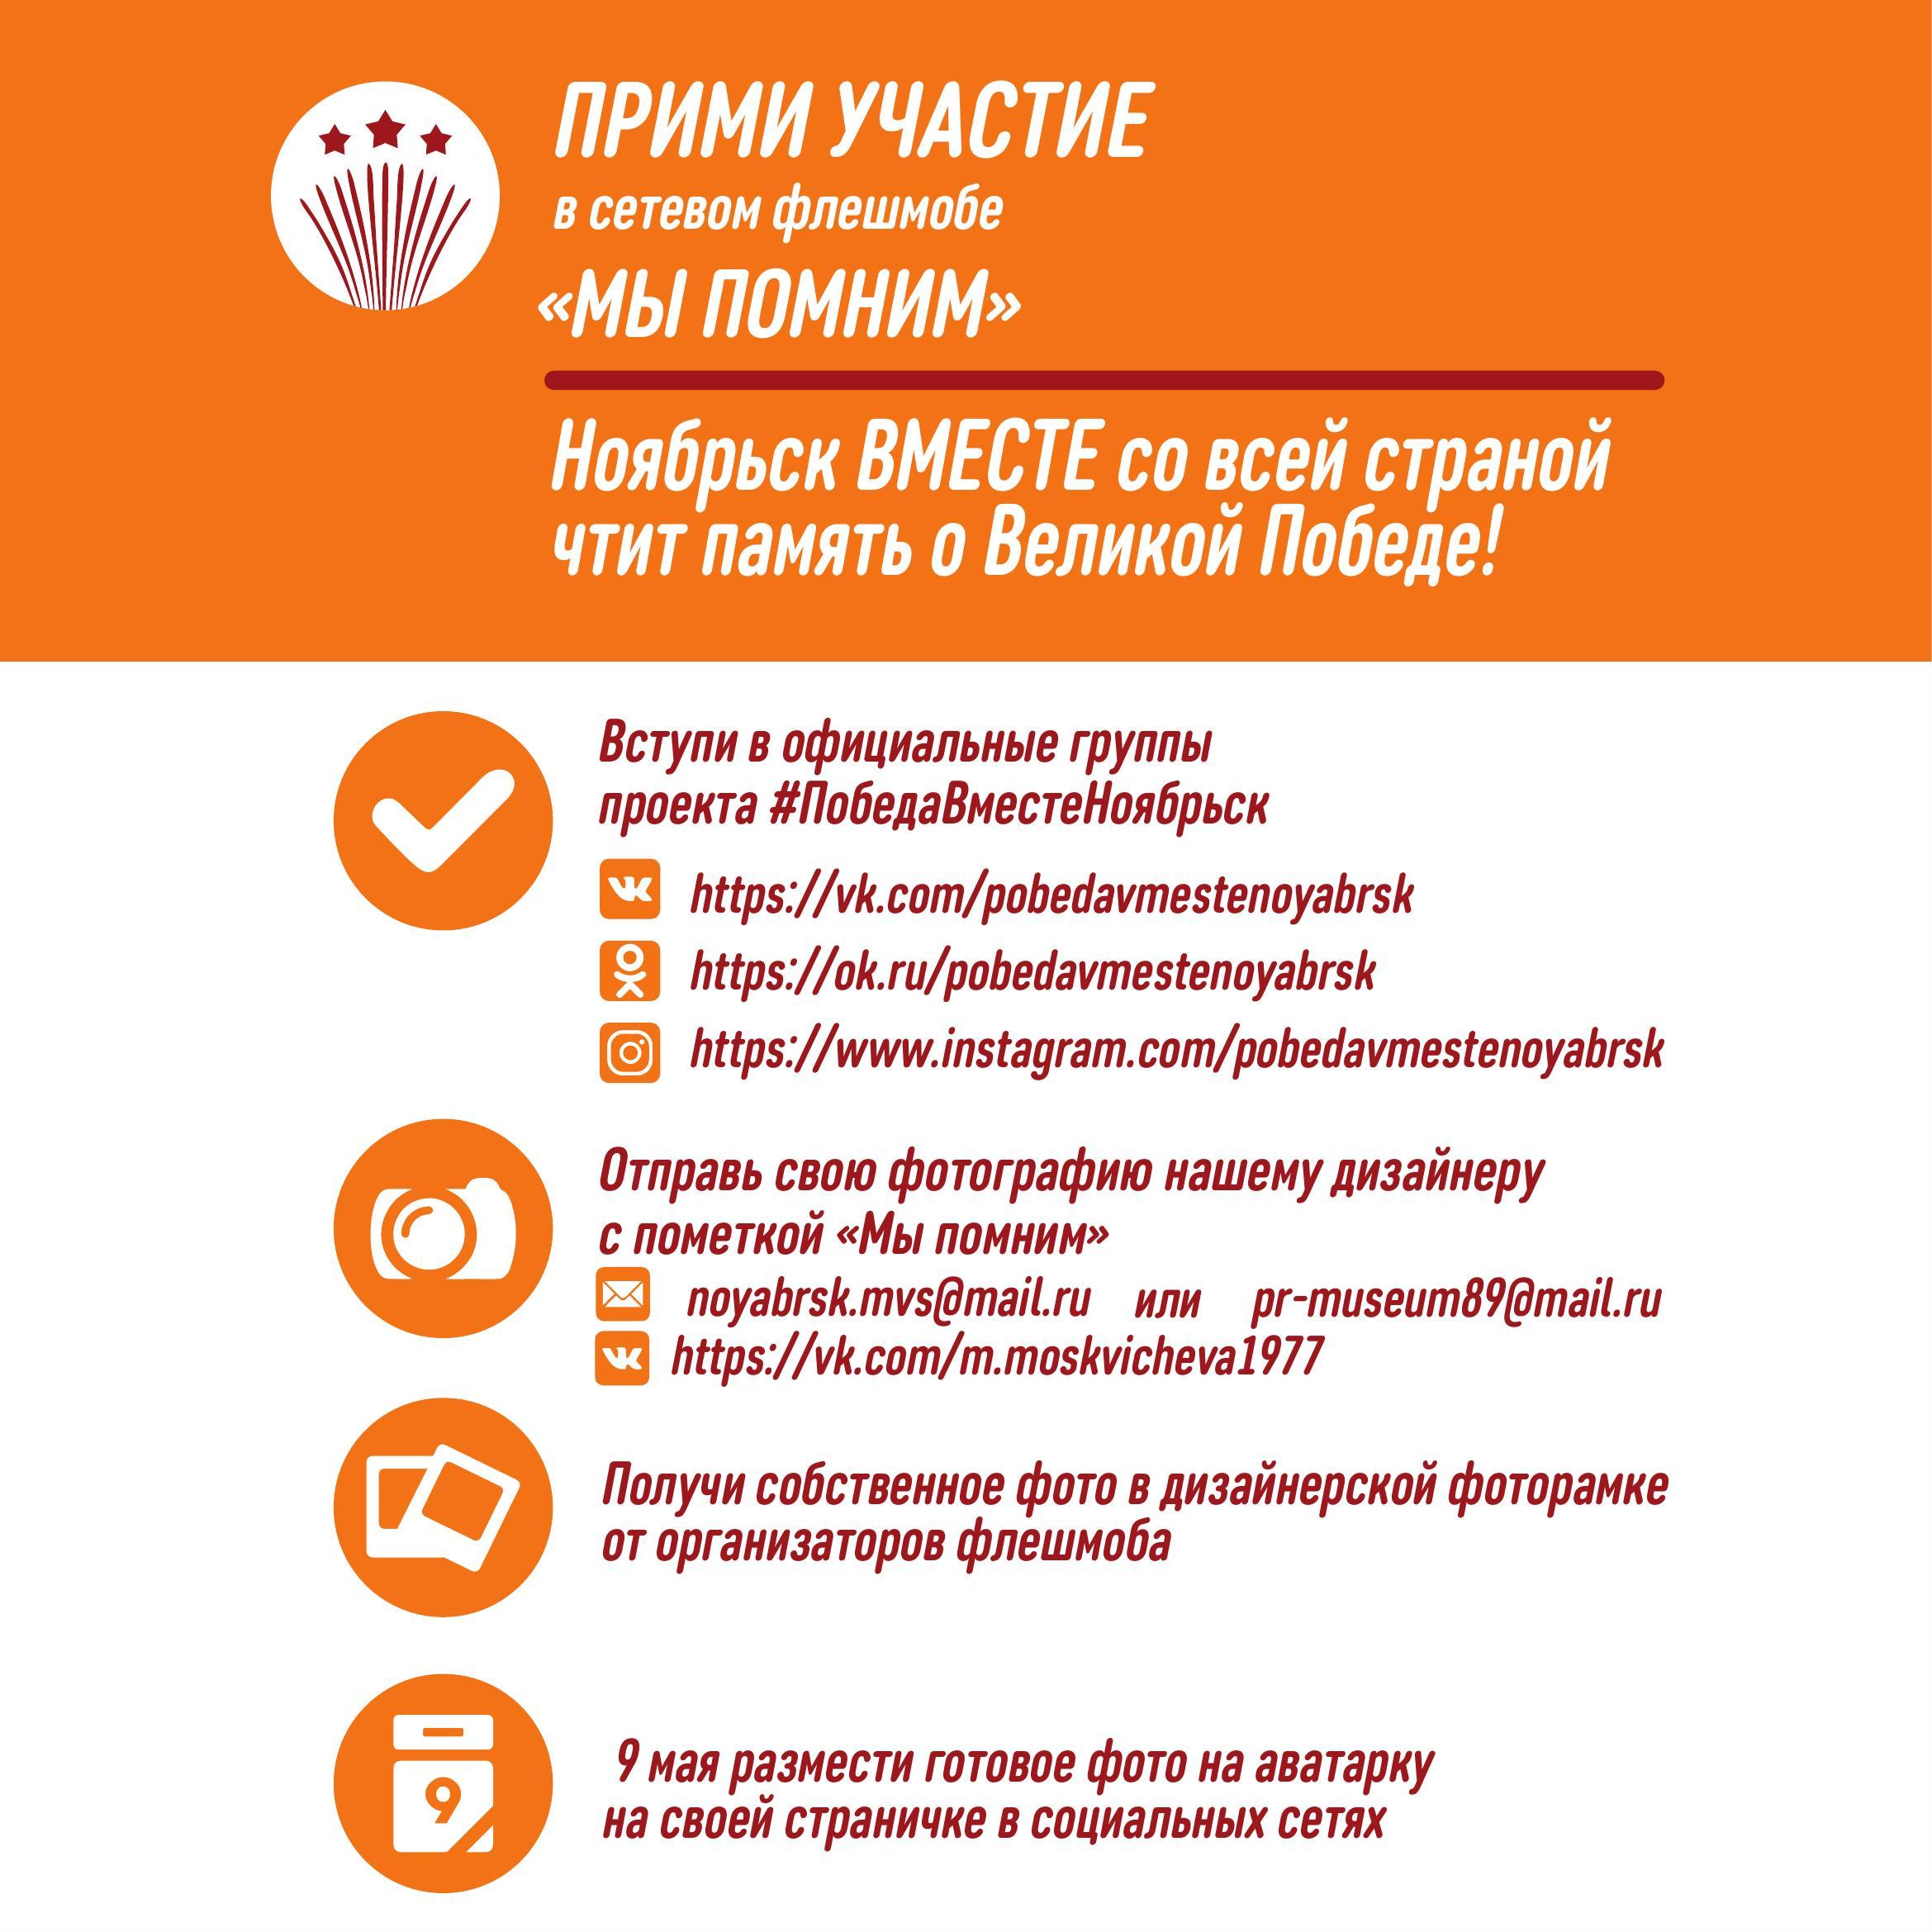 ПОМНИМ 3 - Сетевой флешмоб «Мы помним